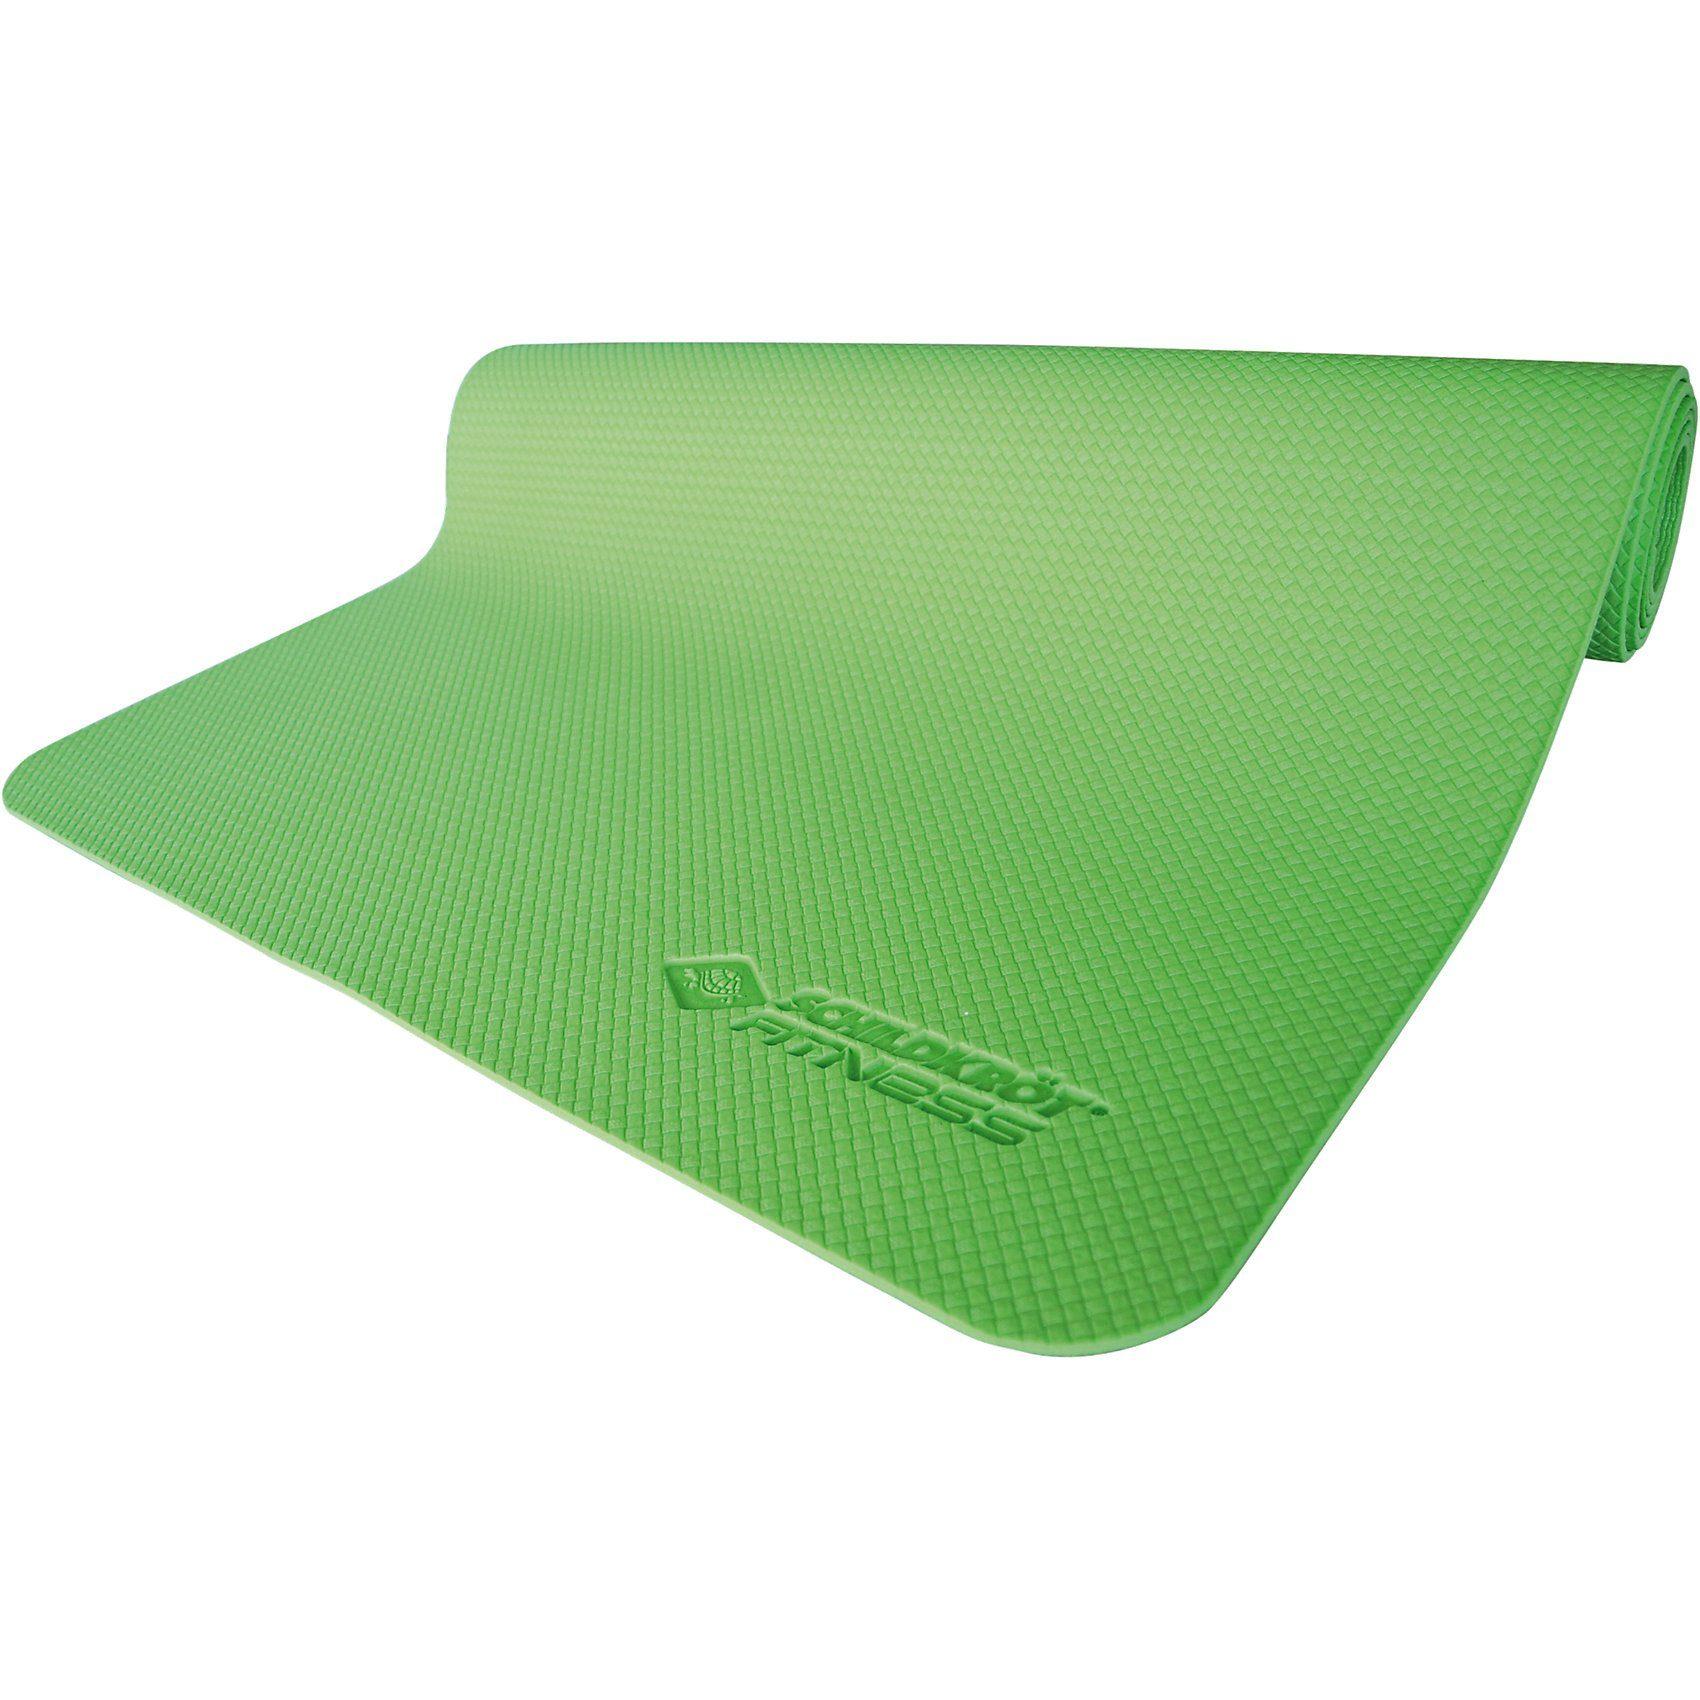 Schildkröt-Fitness Yogamatte 4mm, grün